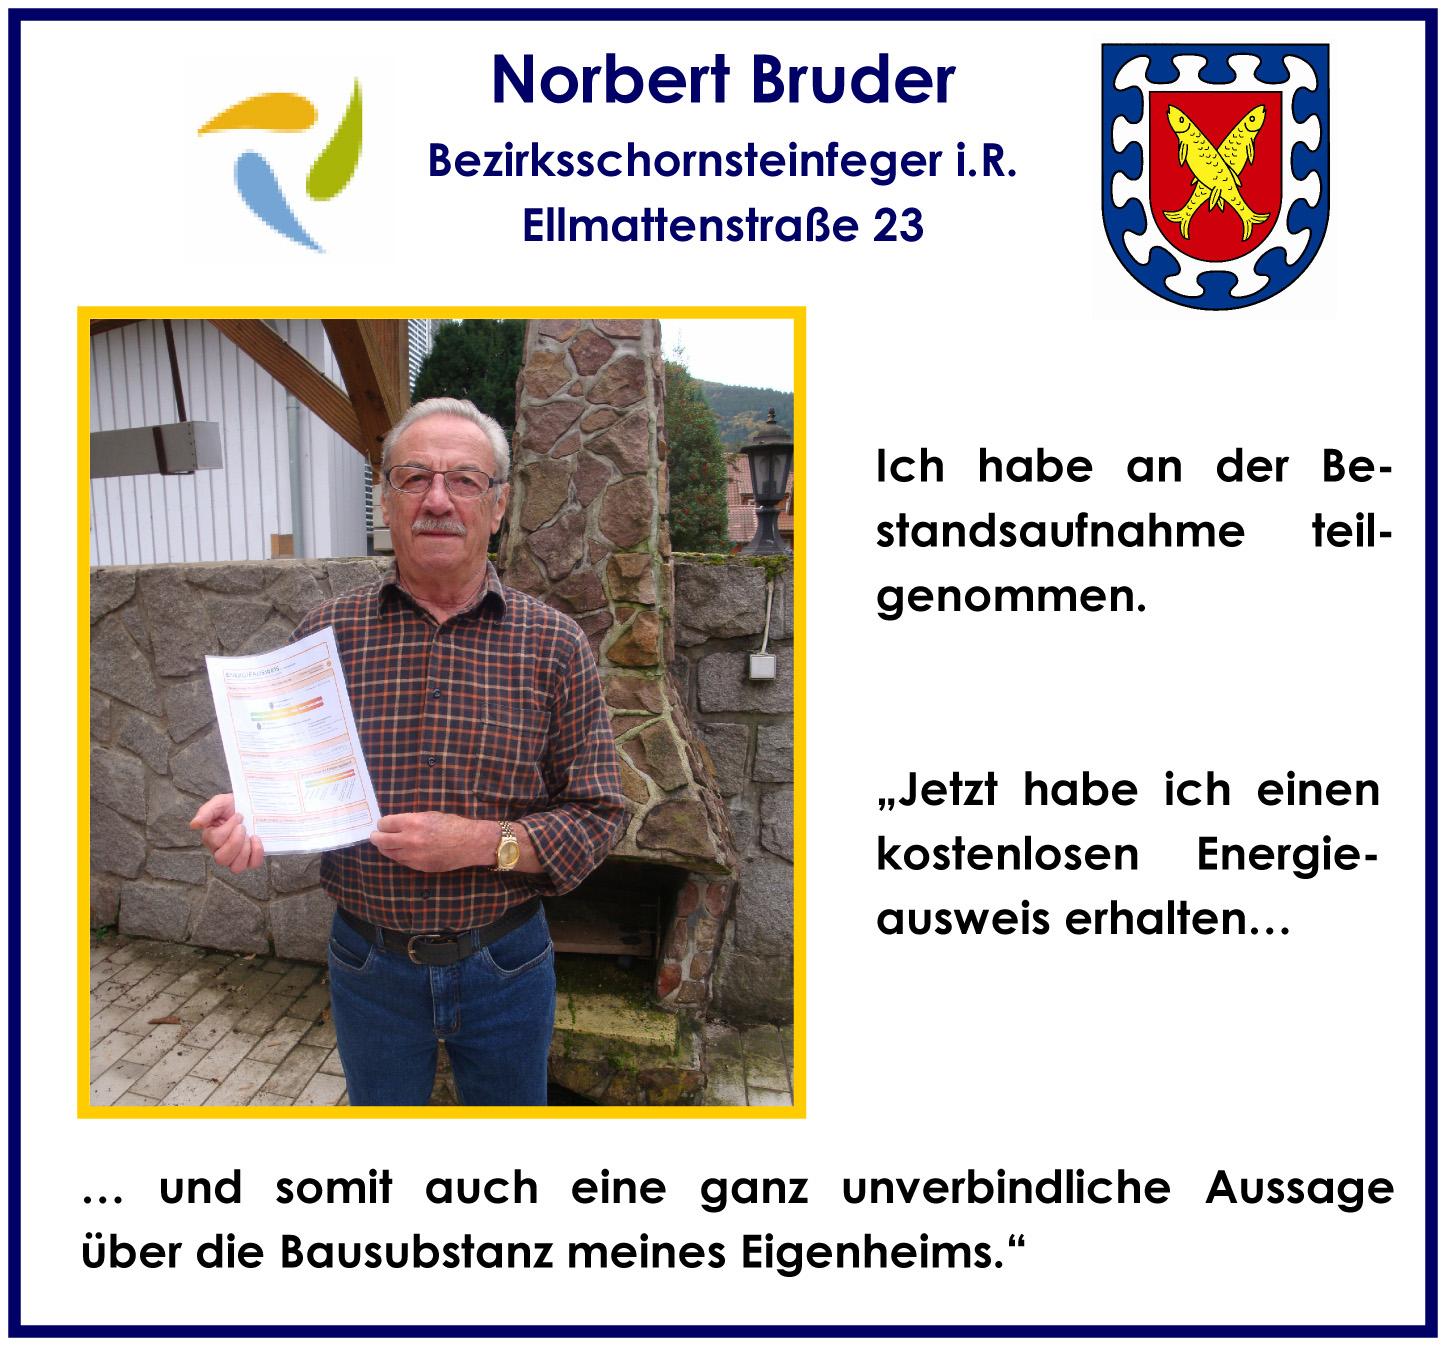 Buerger-_Energie_-_Waermeabnehmer_Norbert_Bruder